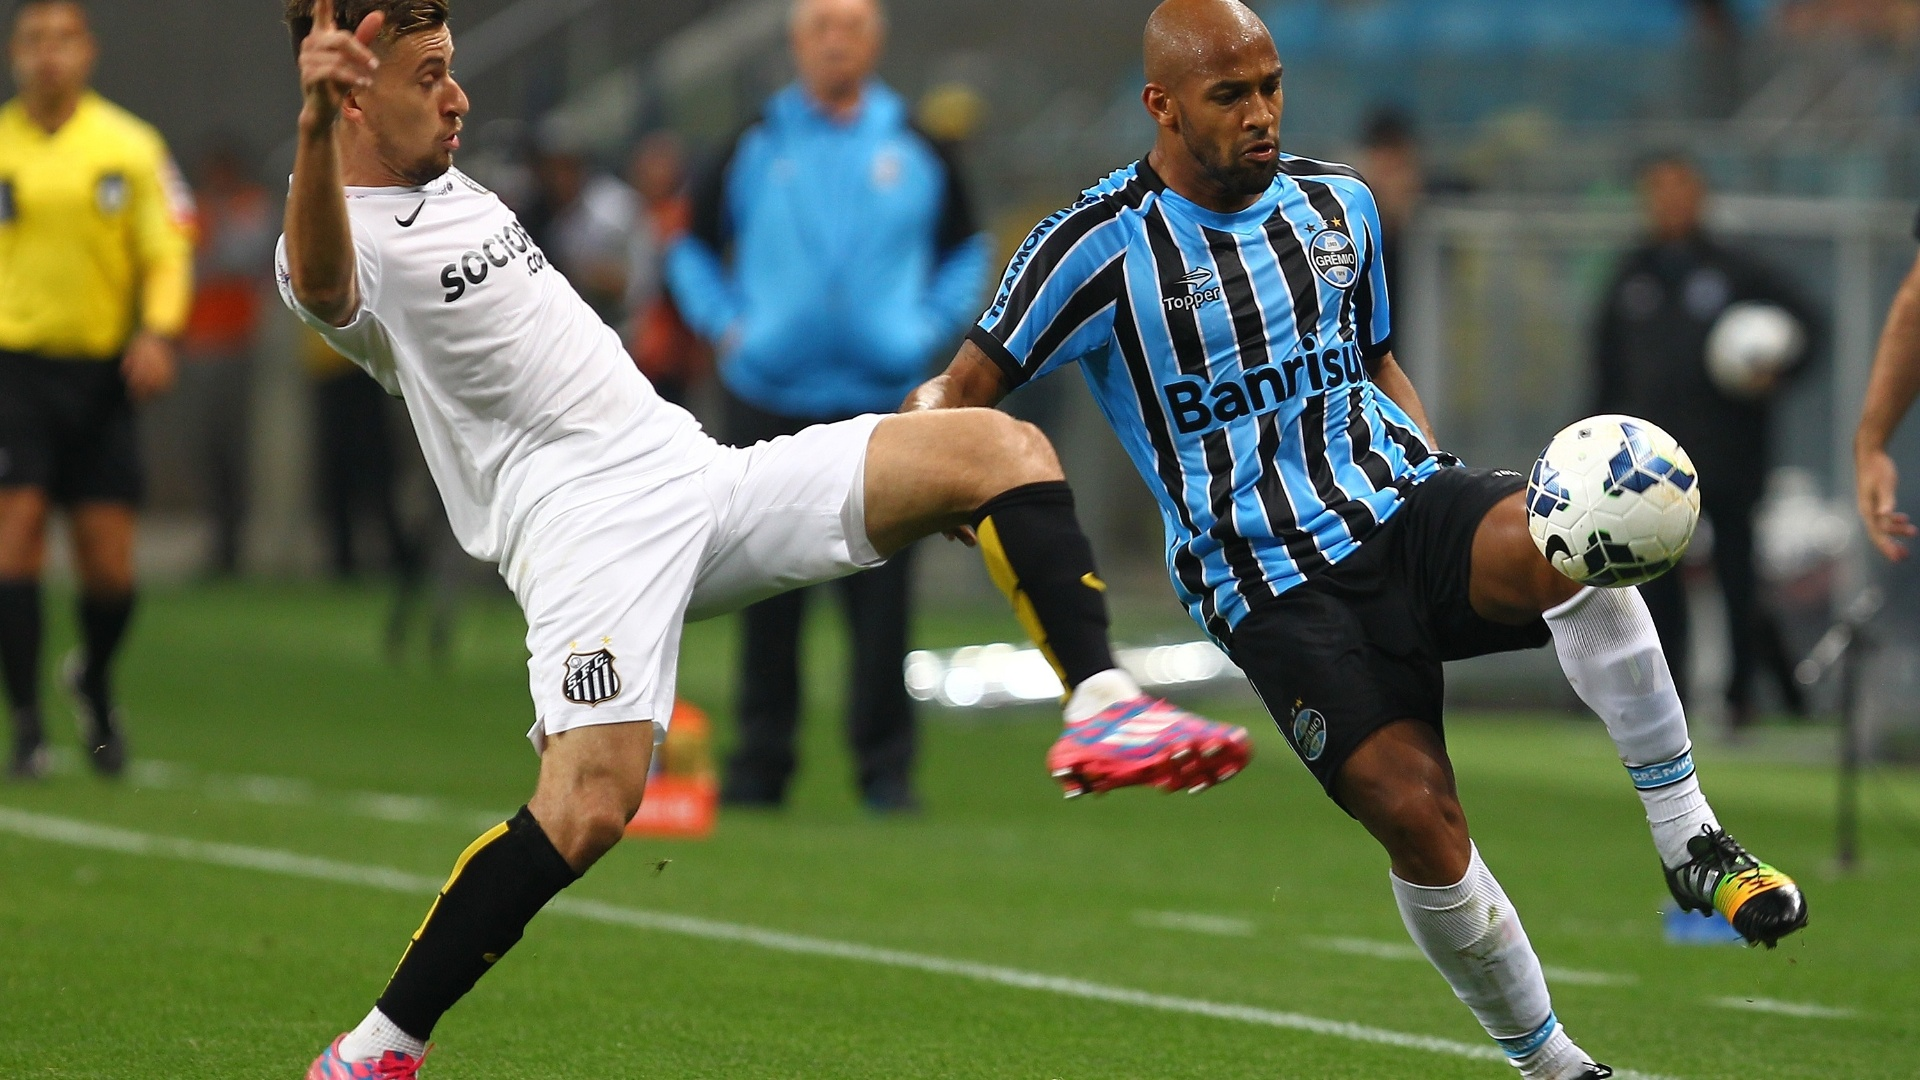 Felipe Bastos tenta driblar Lucas Lima na partida entre Grêmio e Santos pelo Brasileirão